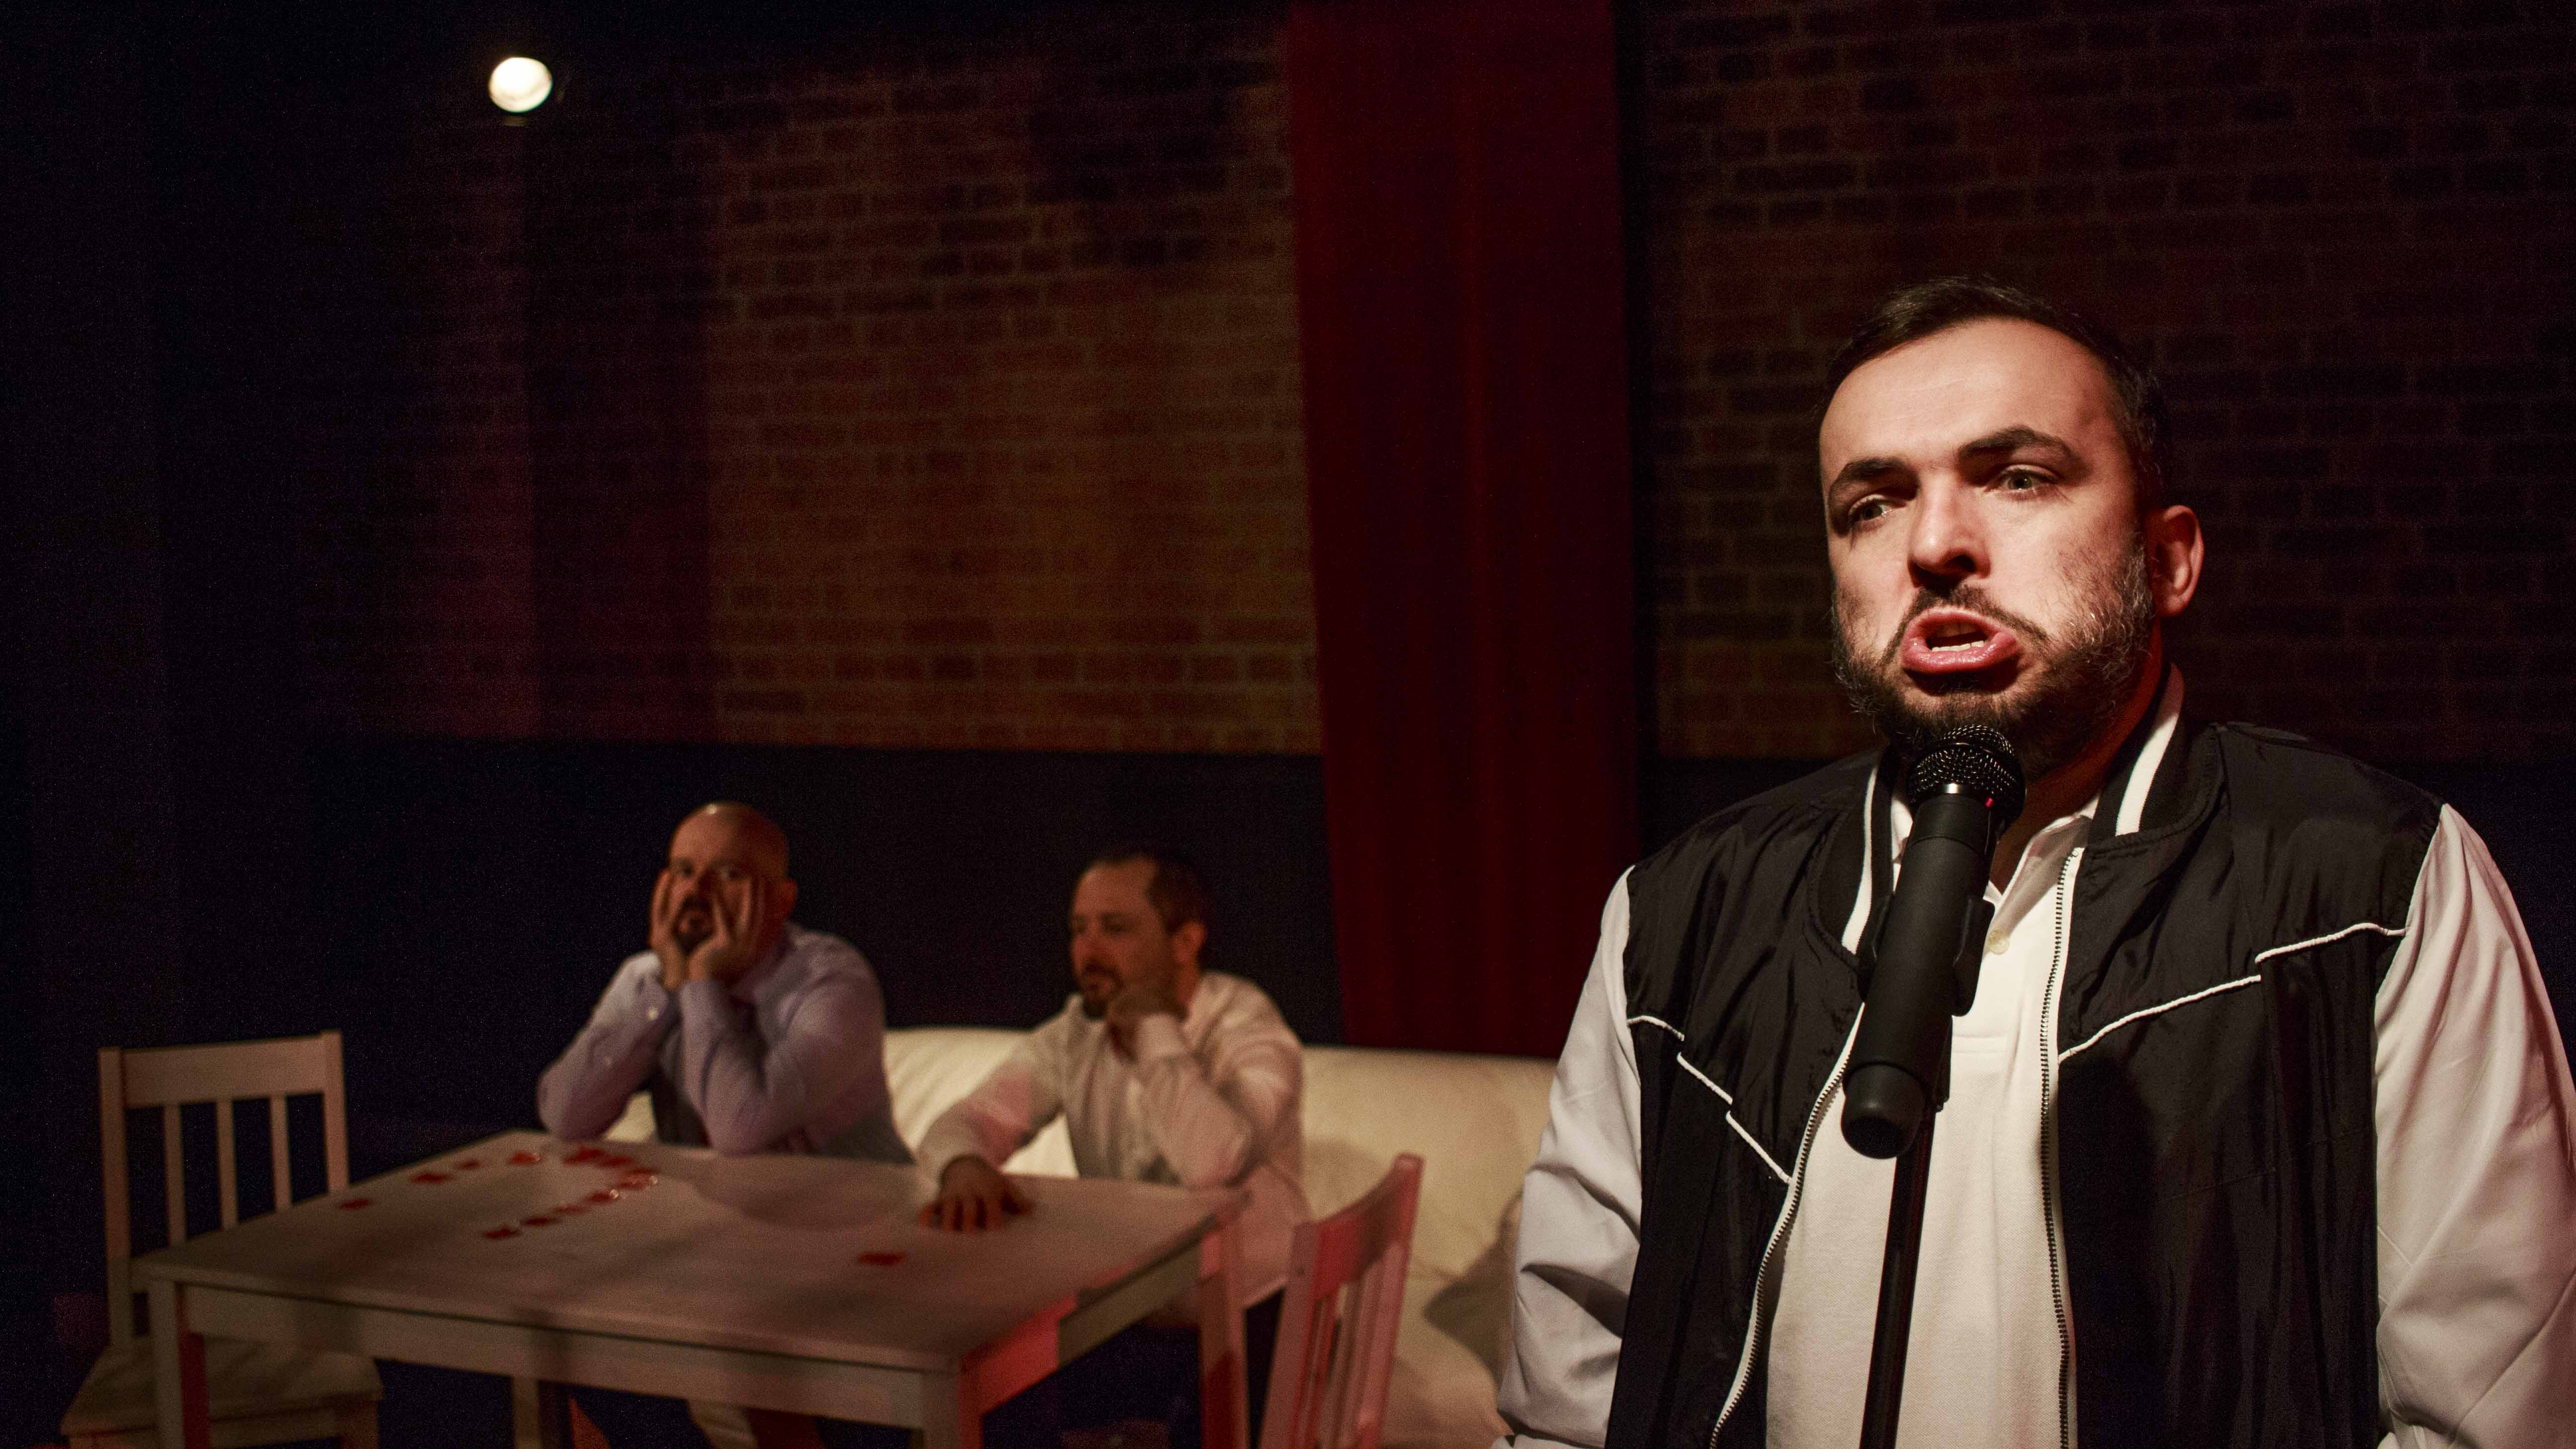 Zdjęcie do spektaklu Dobroć nasza dobroć. Aktor stoi przy mikrofonie. W tle dwóch pozotałych aktorów siedzi przy stole.